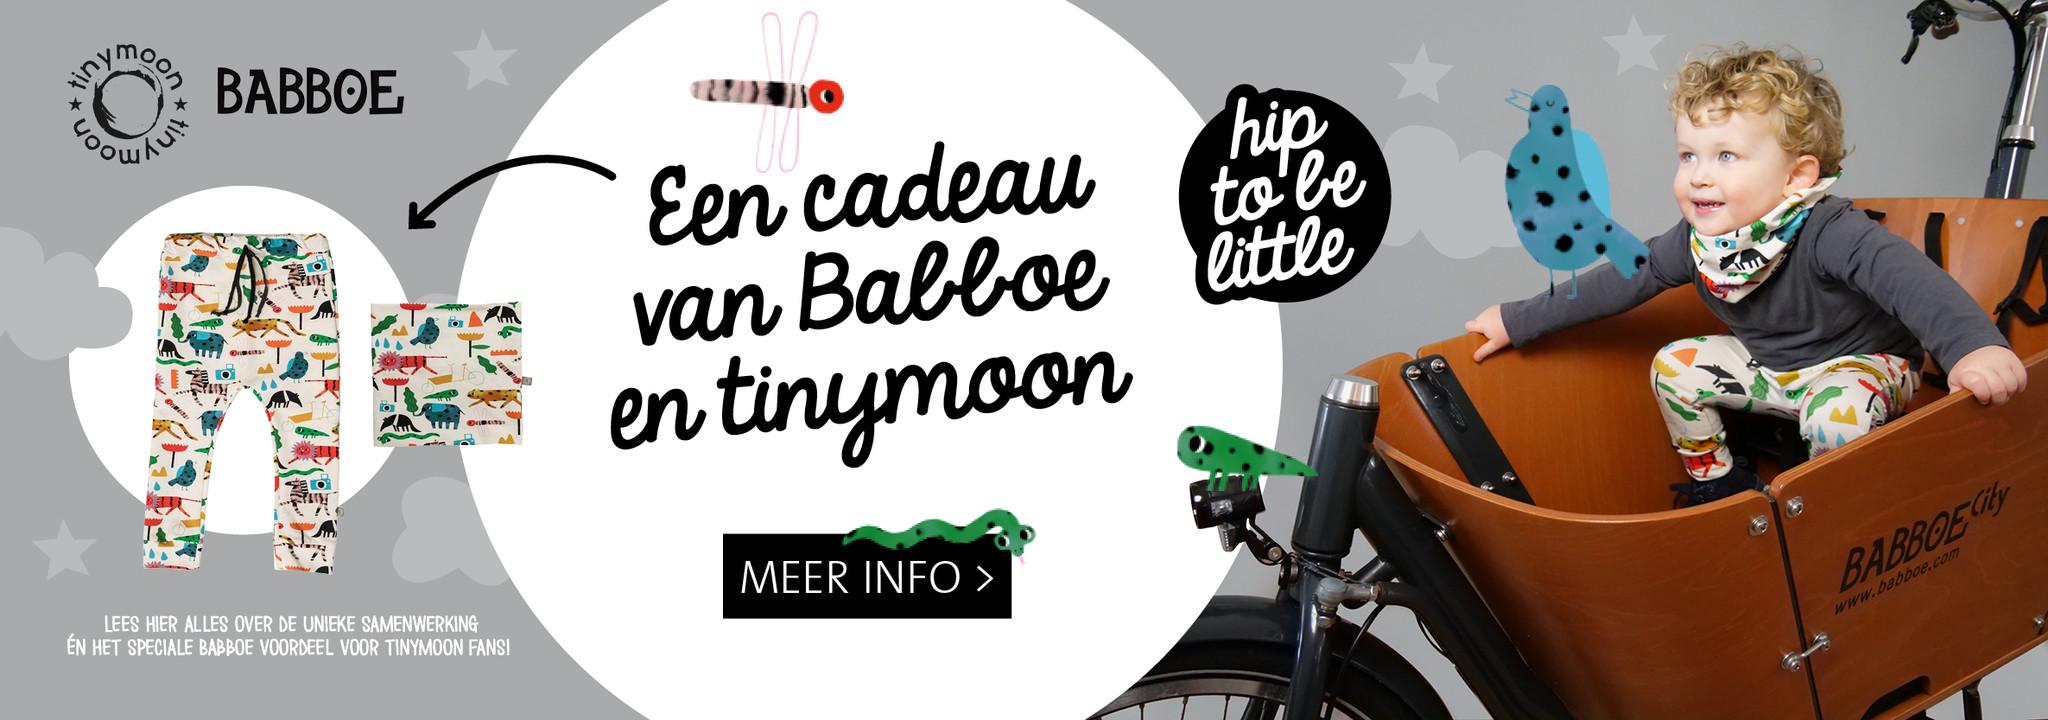 Actiemaand Babboe & tinymoon